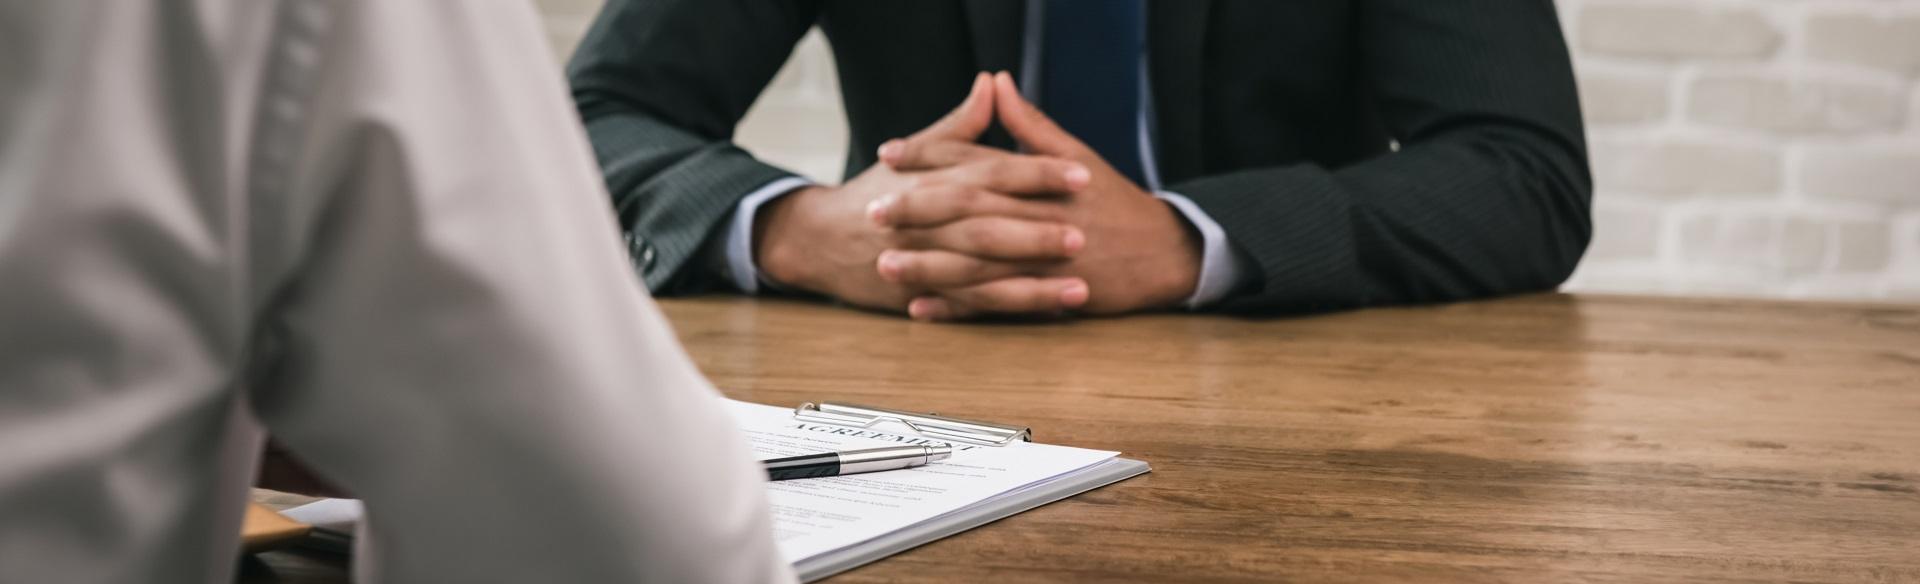 Chiffrez vos résultats lors de l'entretien d'embauche allemand